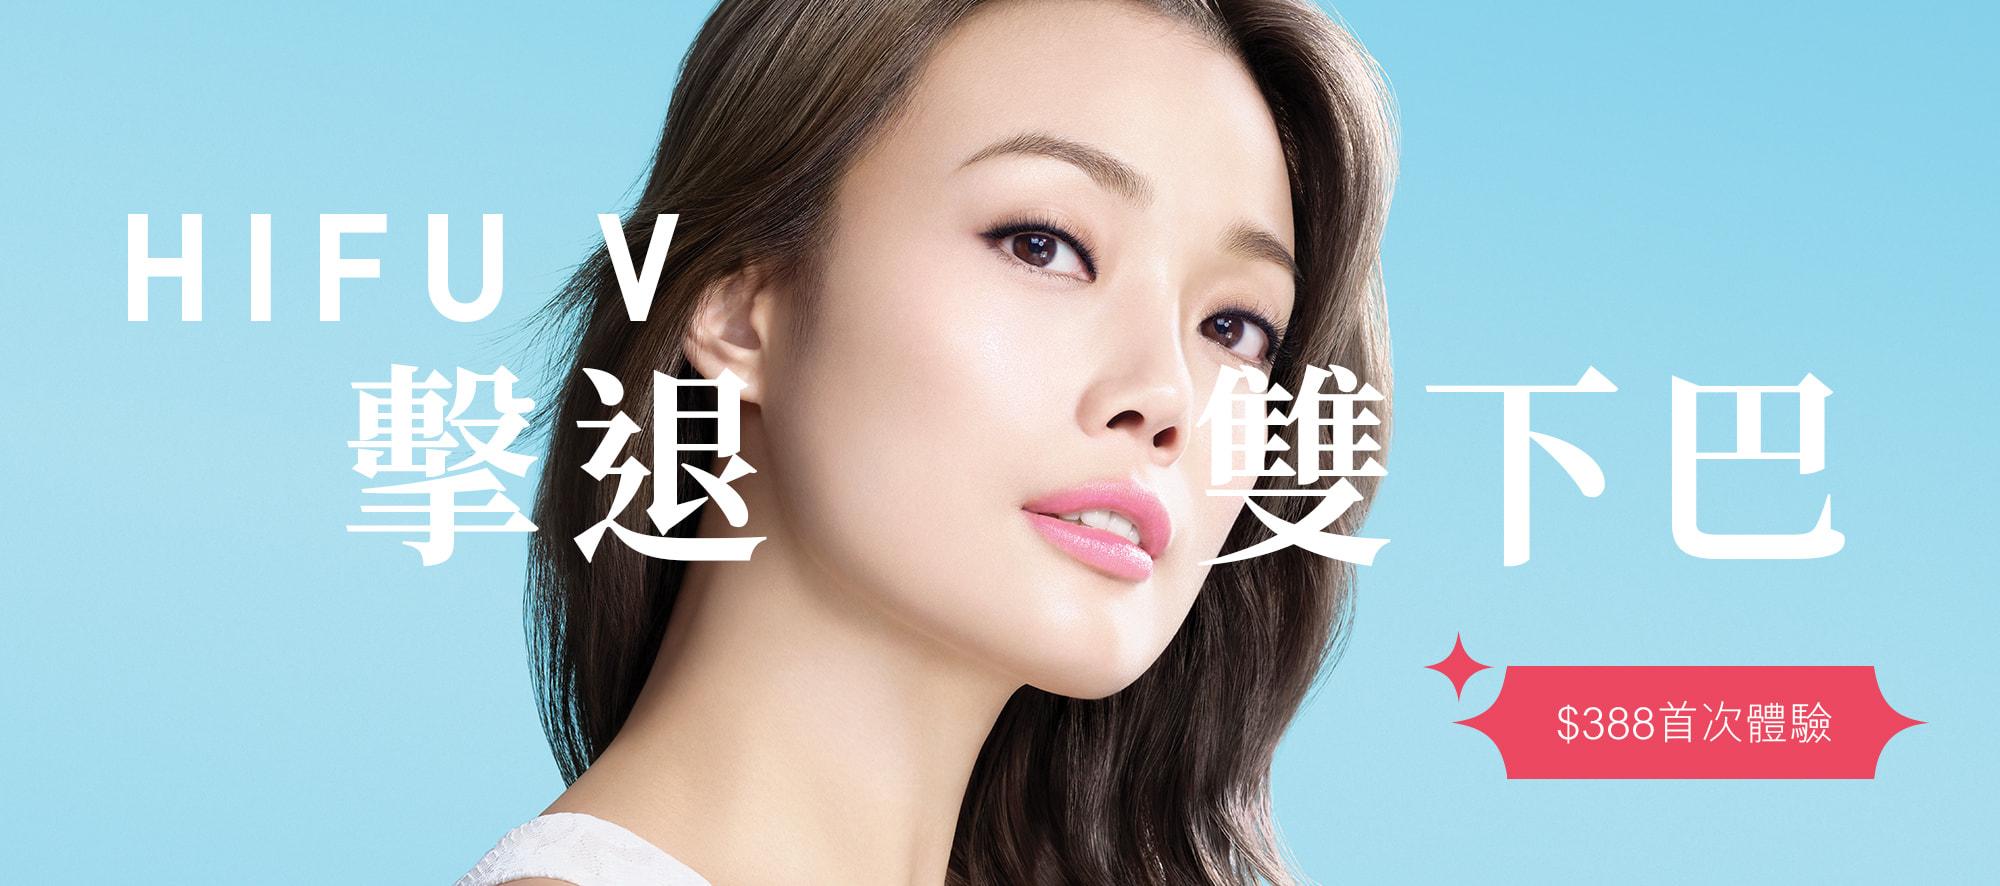 試做OASIS香港HIFU減肥瘦身療程